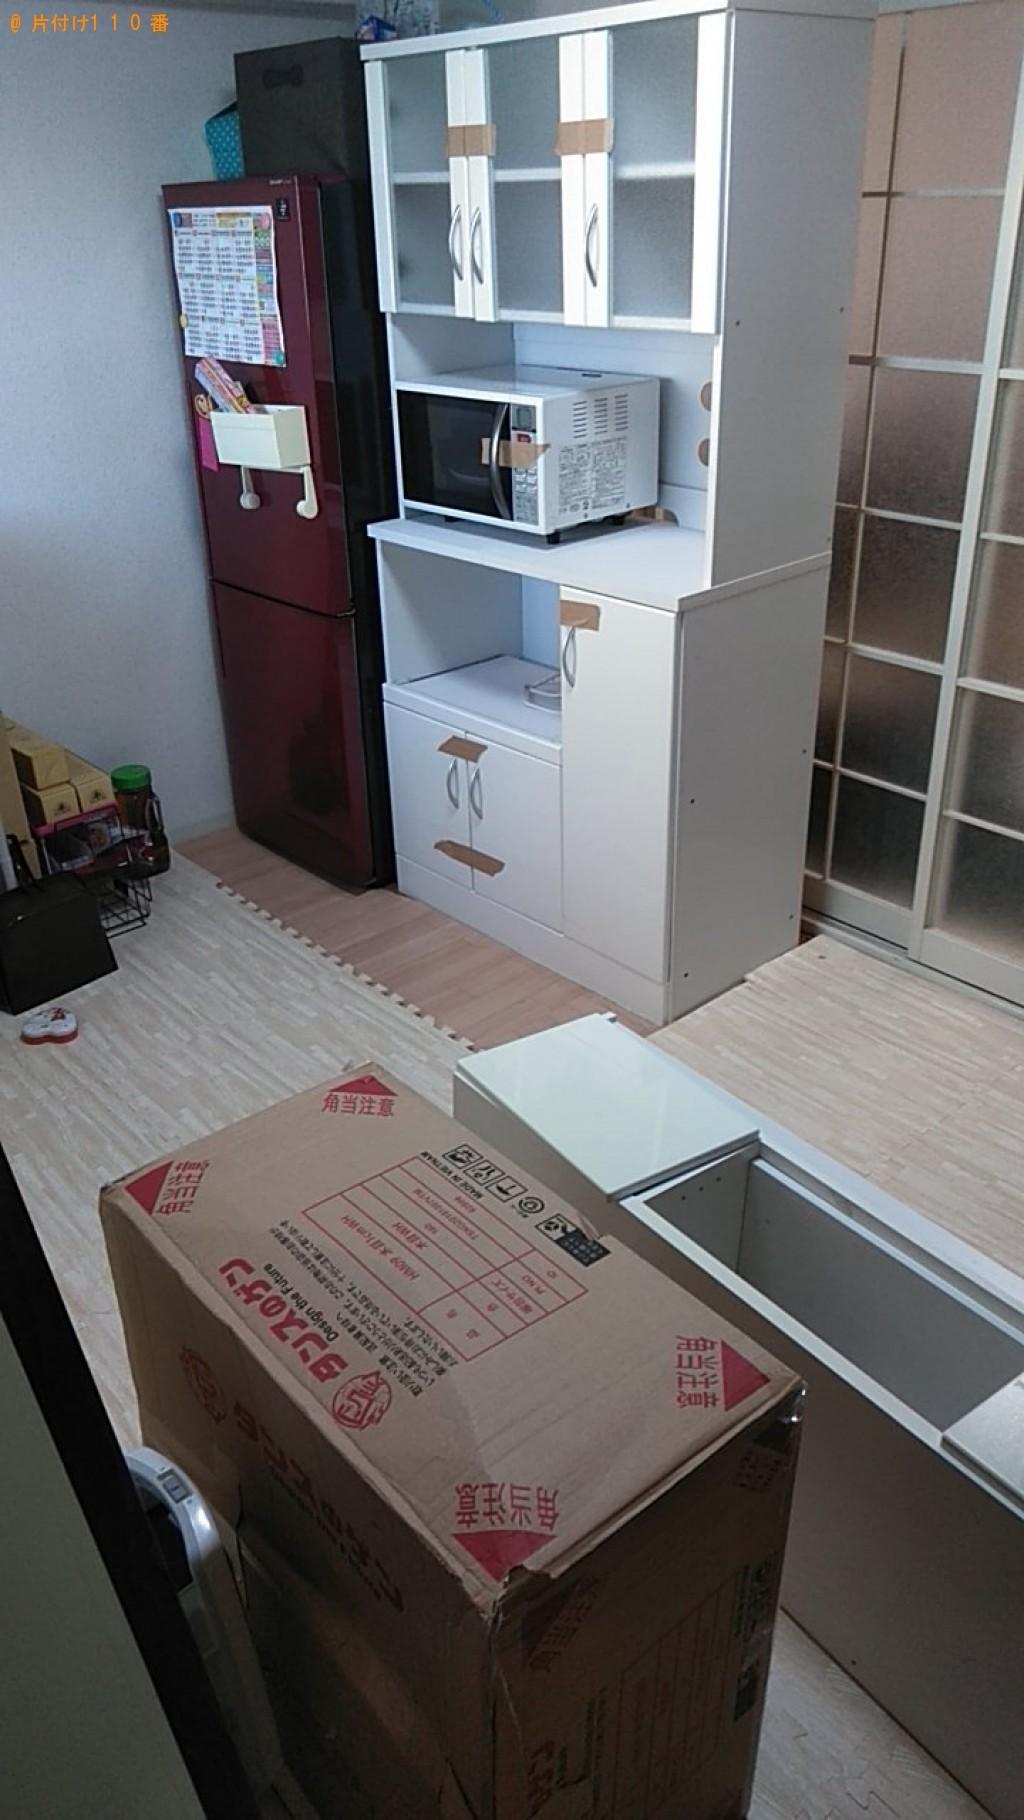 【松山市竹原】電子レンジ、食器棚、テレビ台などの回収・処分ご依頼